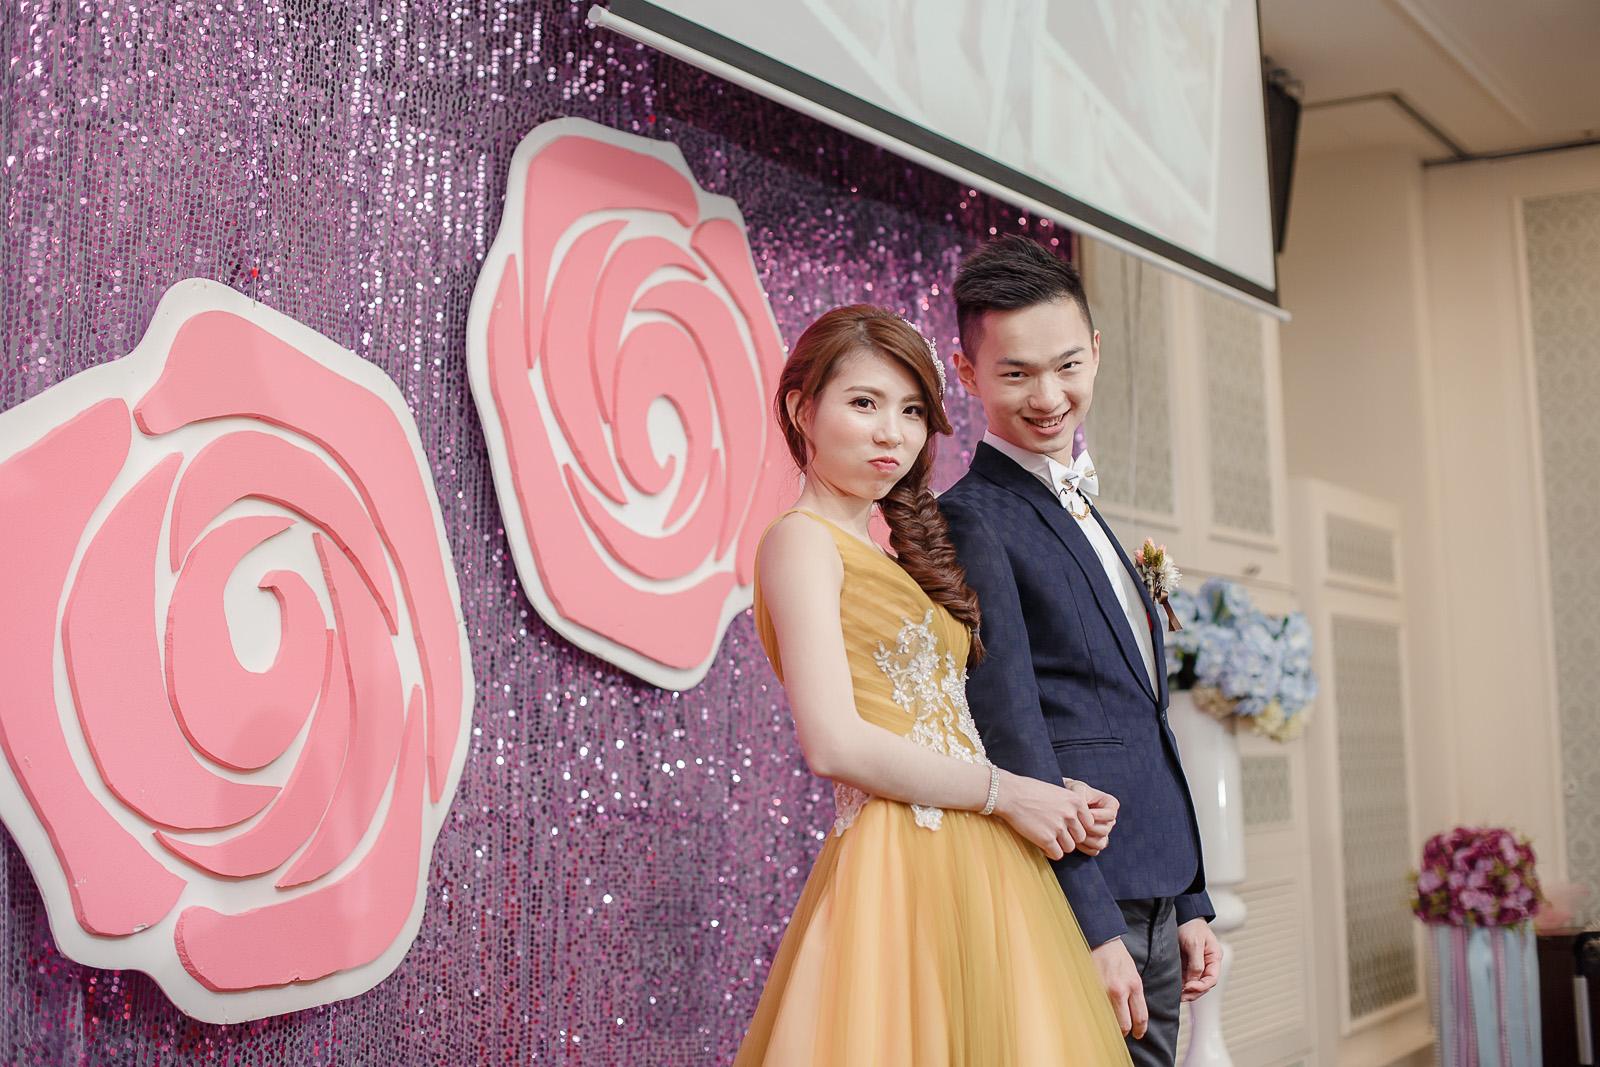 高雄圓山飯店,婚禮攝影,婚攝,高雄婚攝,優質婚攝推薦,Jen&Ethan-285